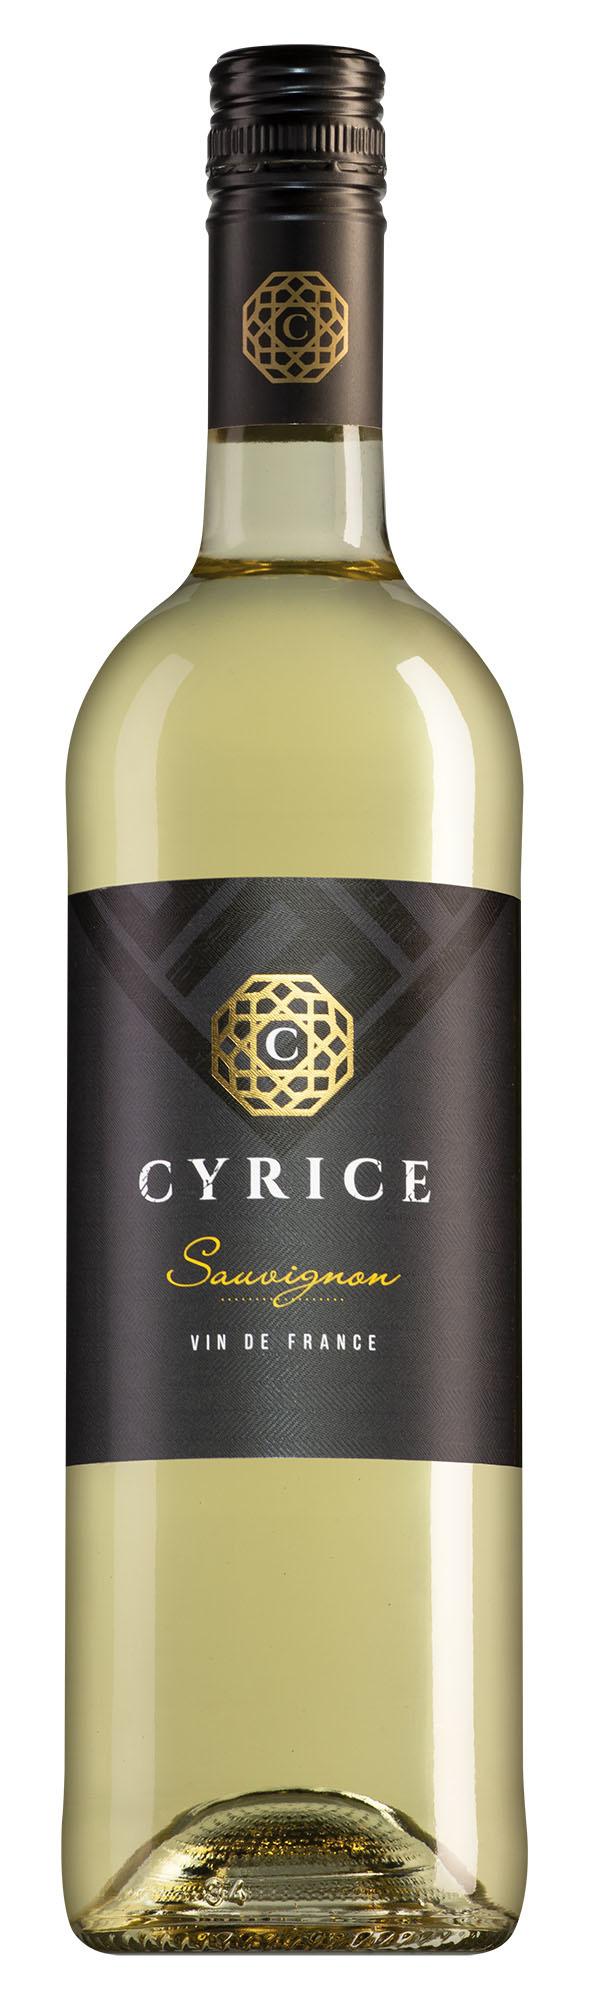 Cyrice Vin de France Sauvignon 2020